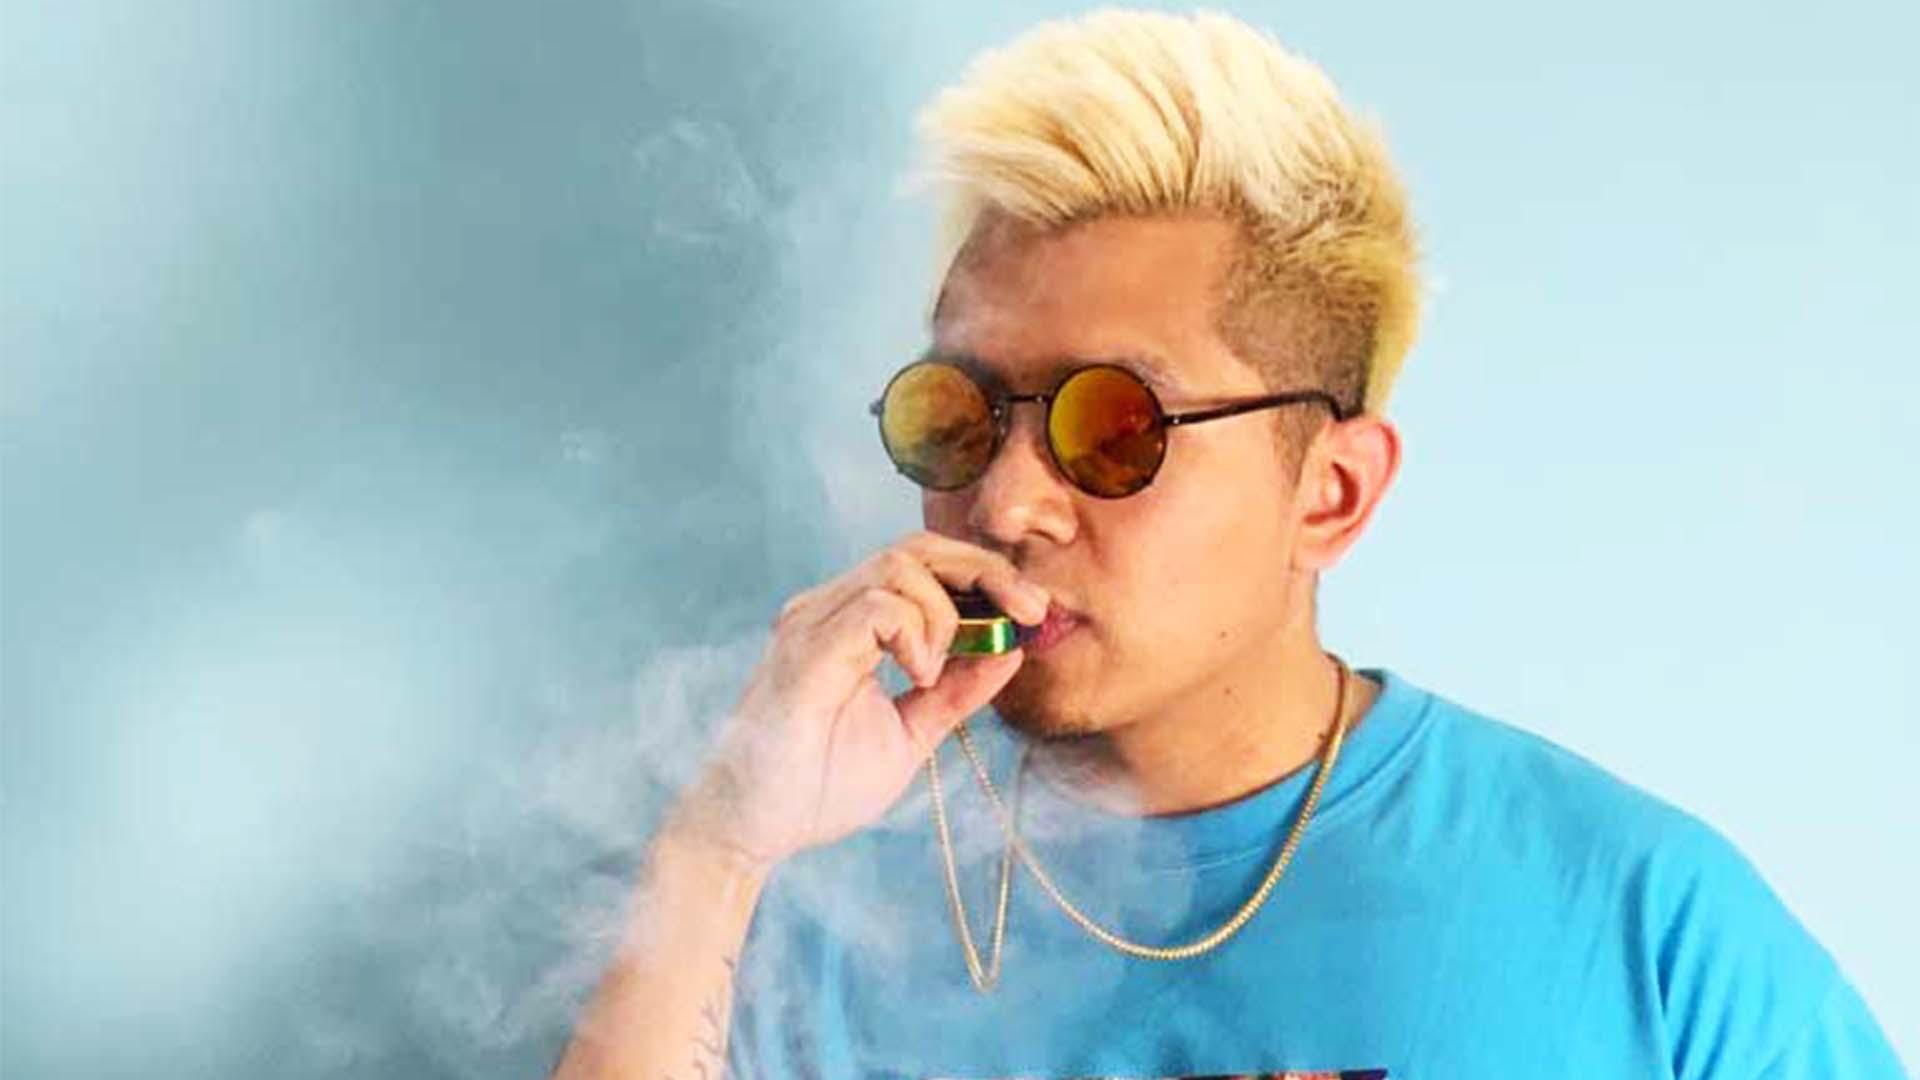 Jeff Nang